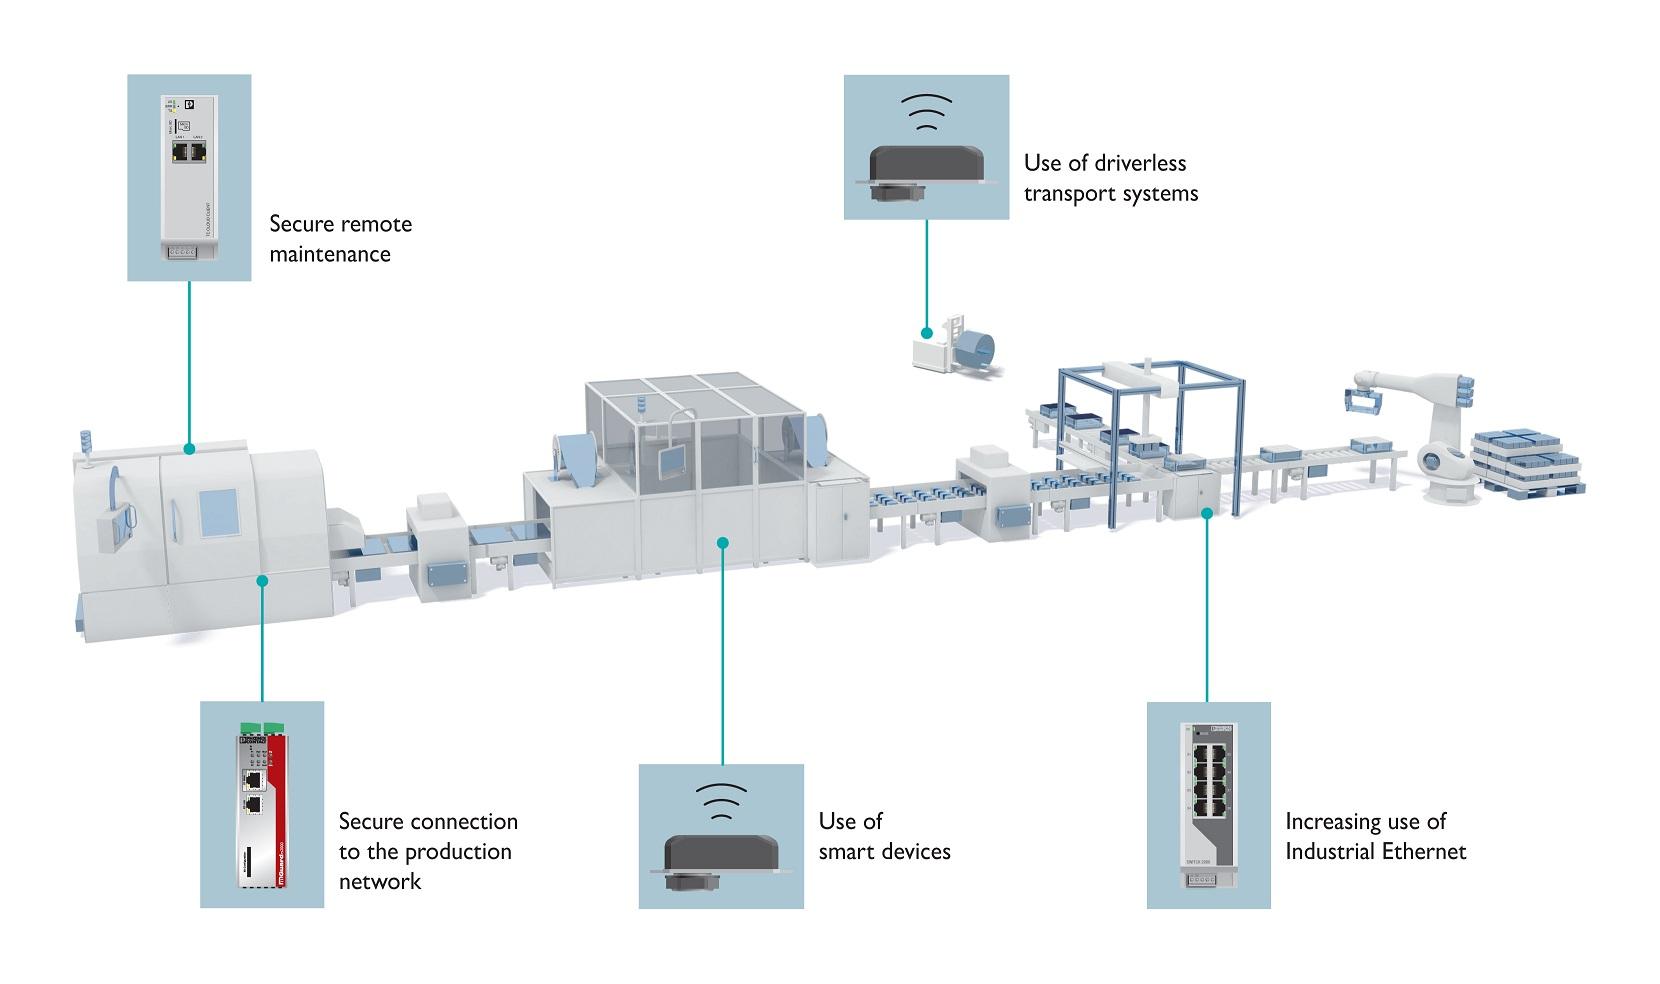 Rys. 2: Kompaktowy moduł bezprzewodowy / punkt dostępowy FL WLAN 1100 może służyć do integracji urządzeń mobilnych w sieci.